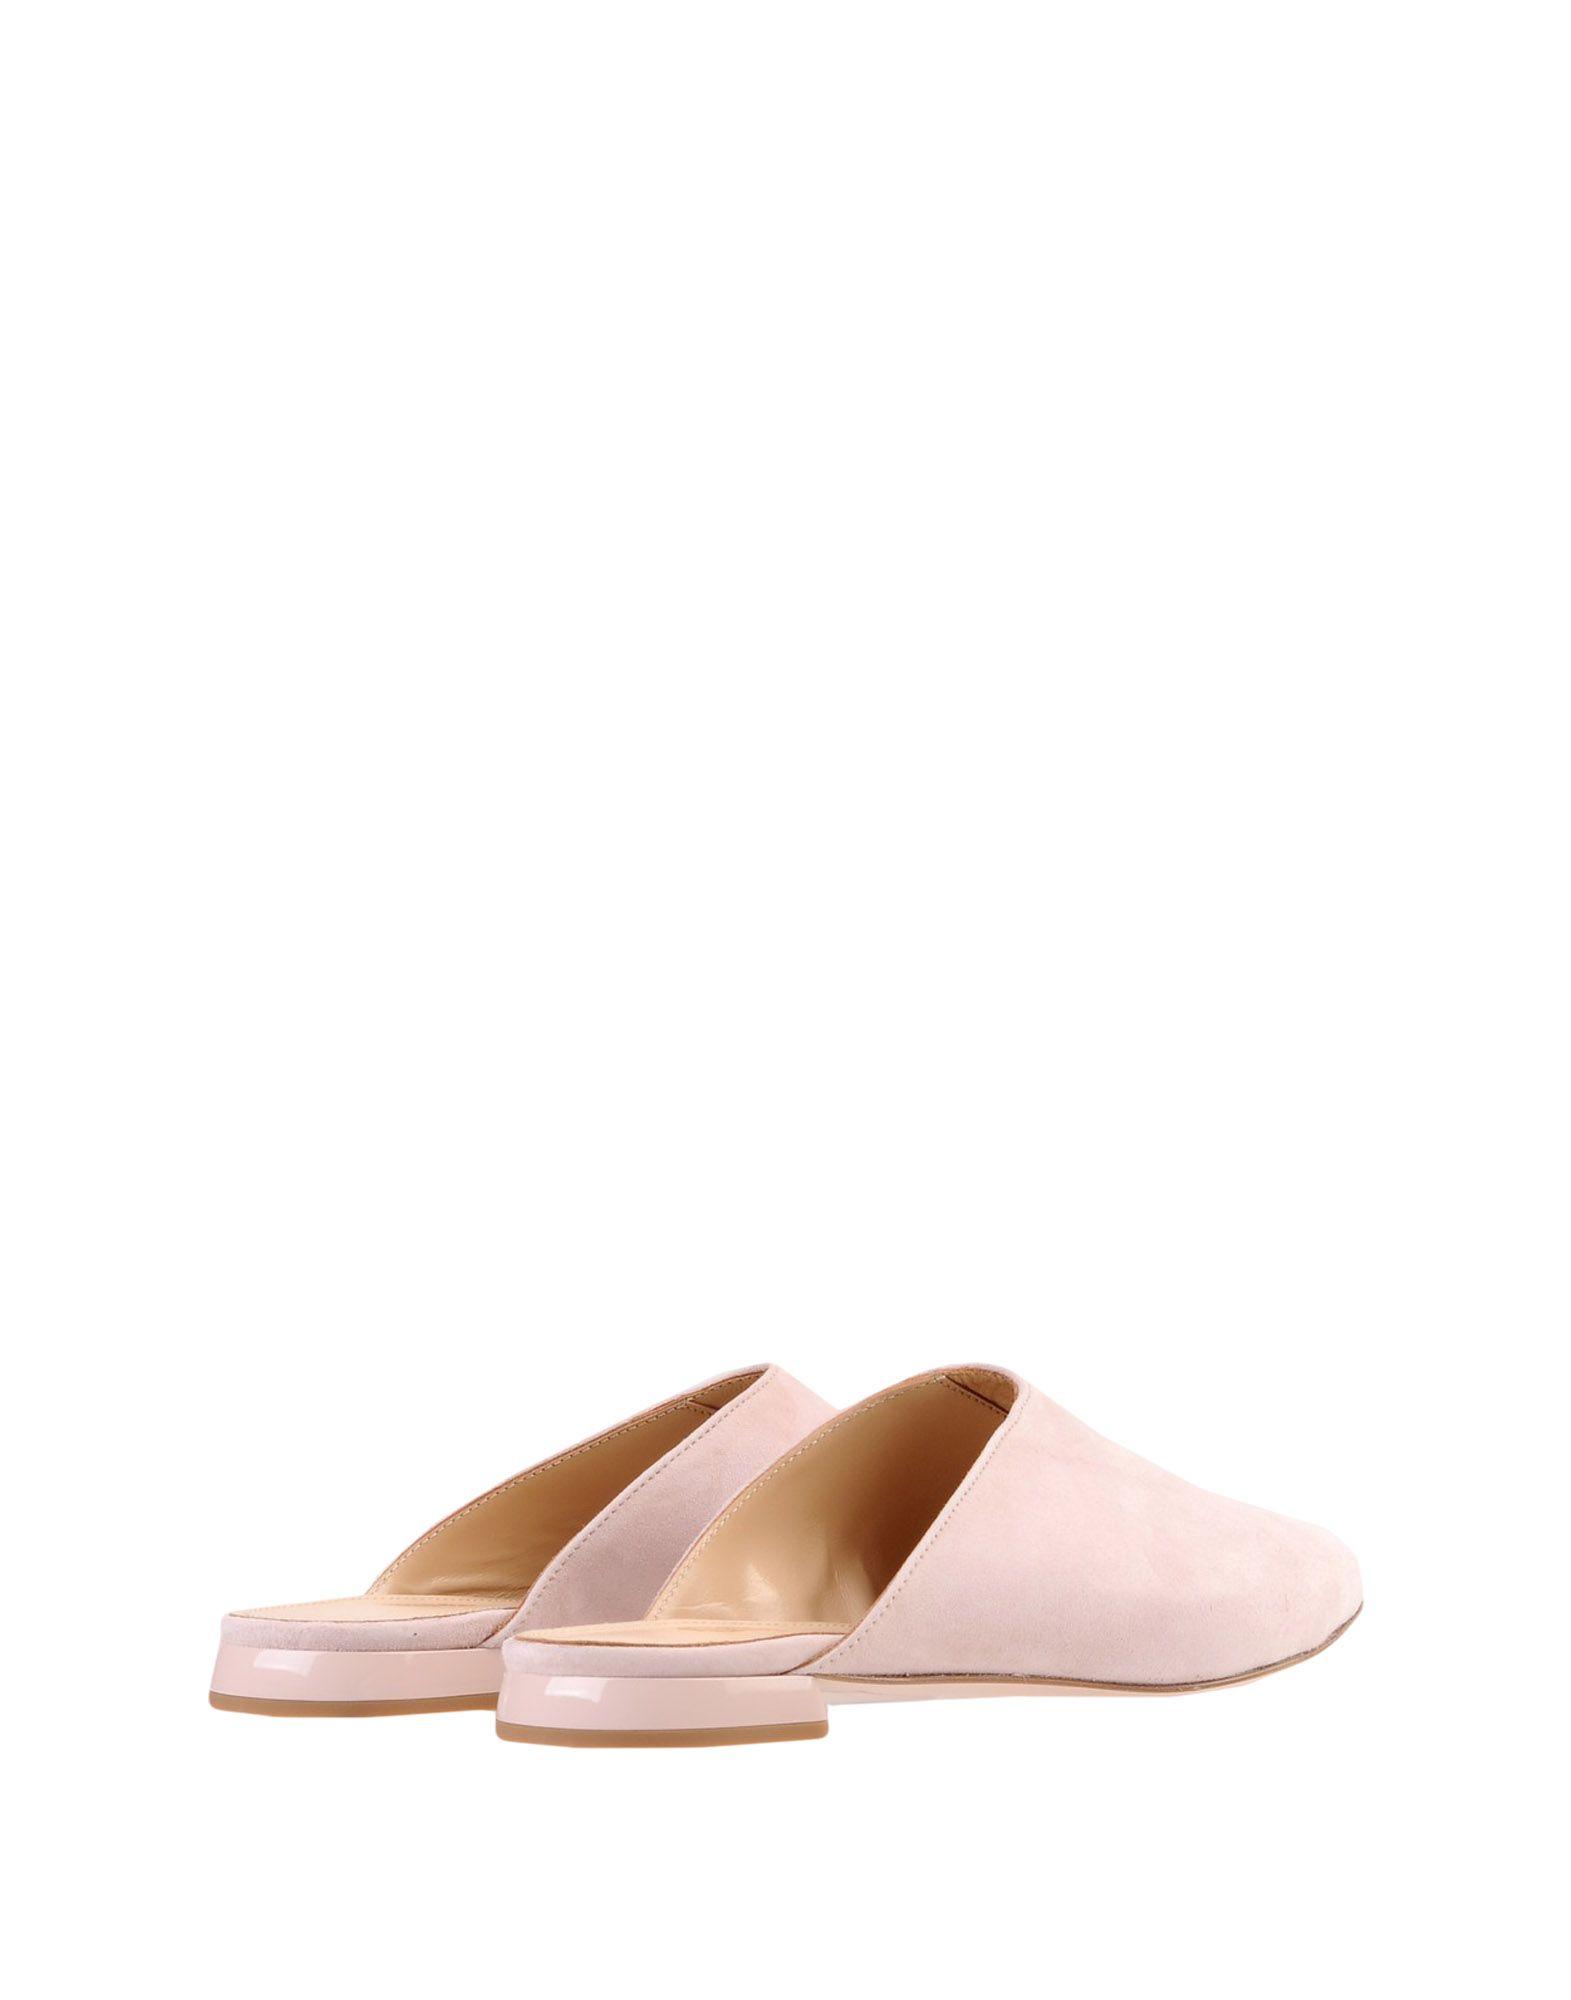 8 Pantoletten Damen  11477846JN Gute Qualität beliebte Schuhe